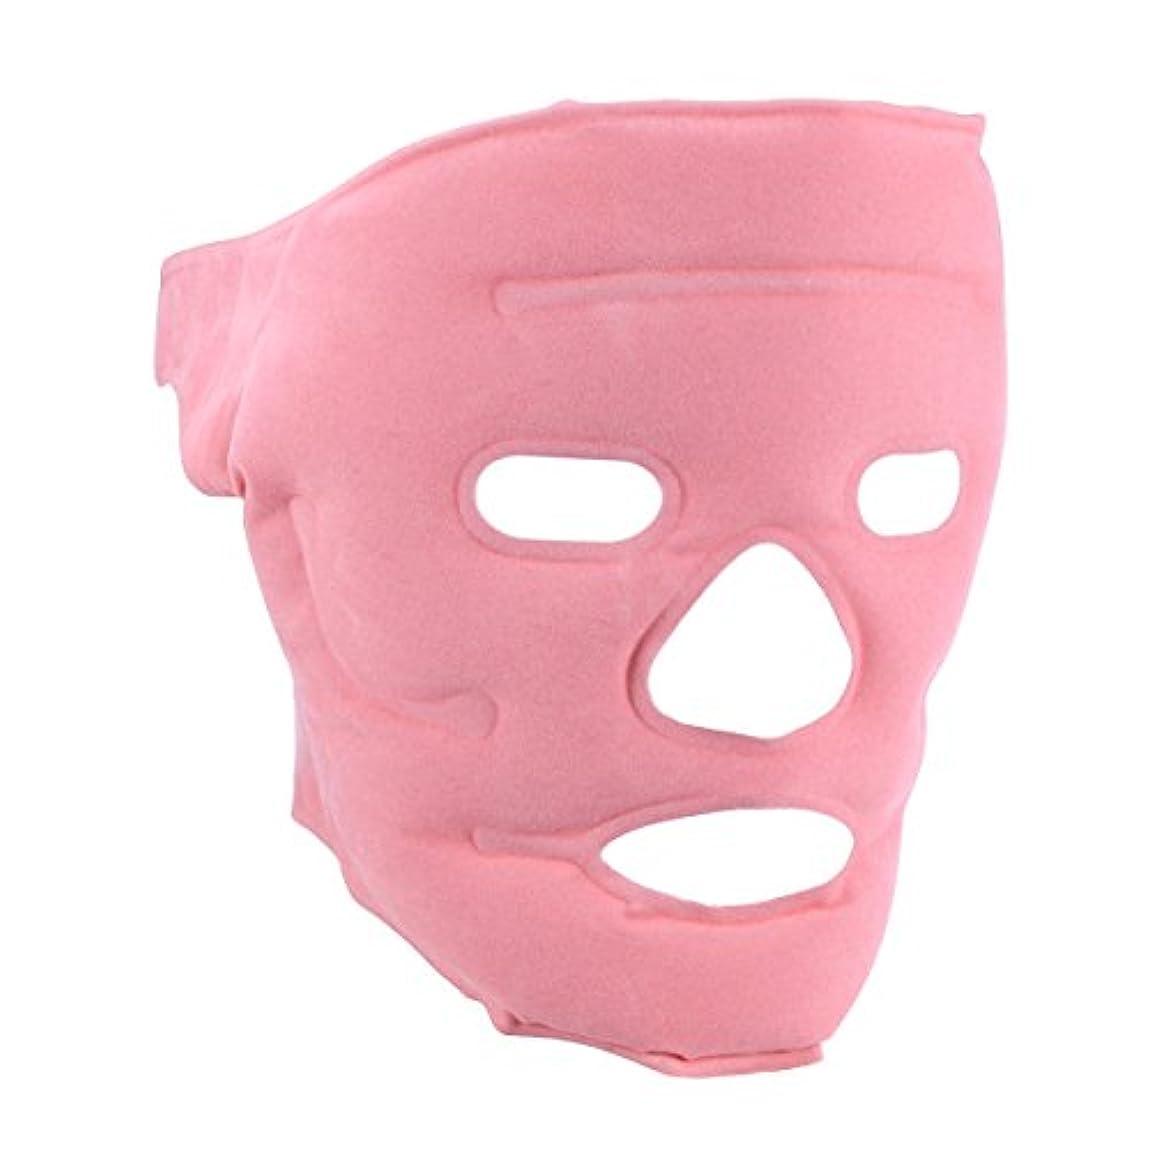 ちらつきセットアップクラックポットROSENICE フェイシャルマスクトルマリンジェルマグネットフェイシャルマスクスリム化フェイスパウチ(ピンク)